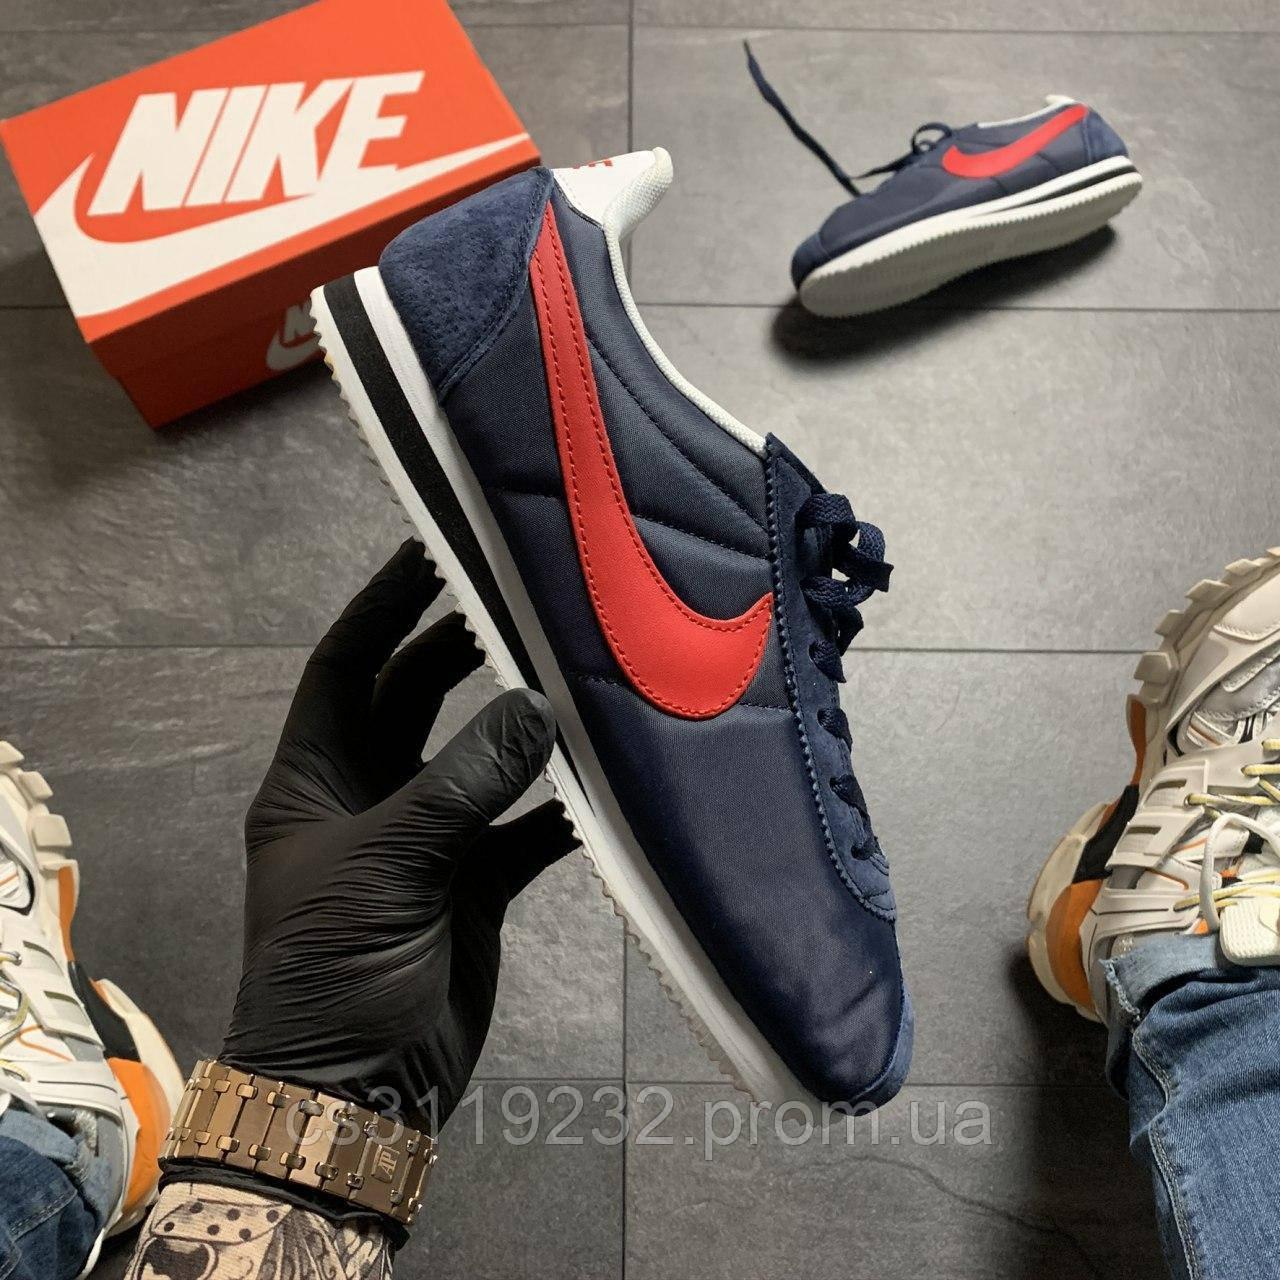 Мужские кроссовки Nike Cortez Blue Red (сине-красные)